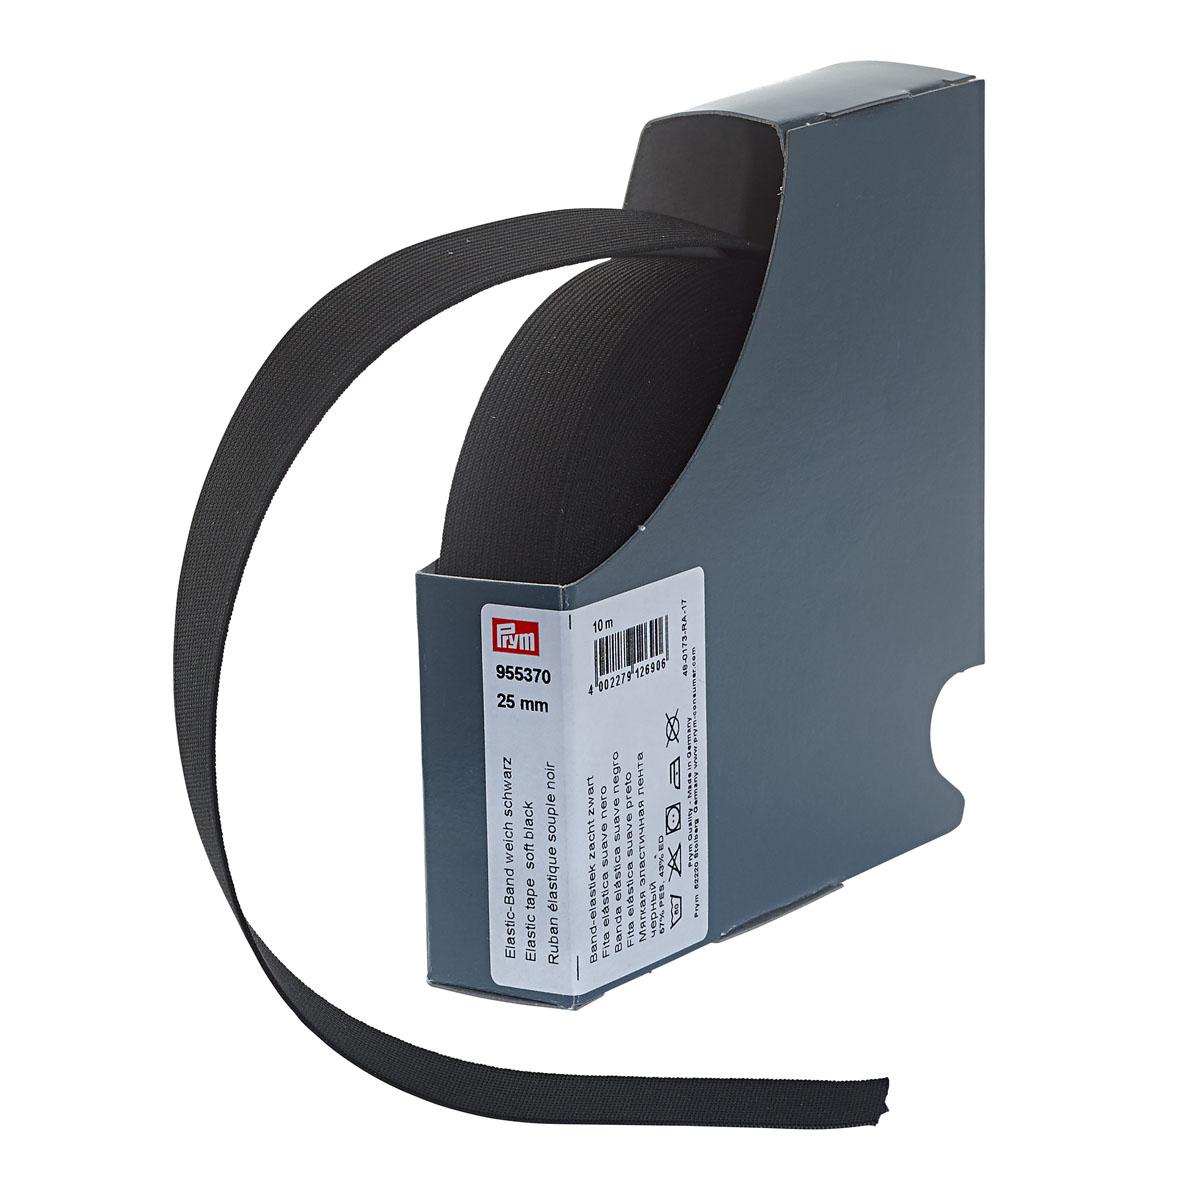 955370 Мягкая эластичная лента 25 мм*10м черный цв. Prym